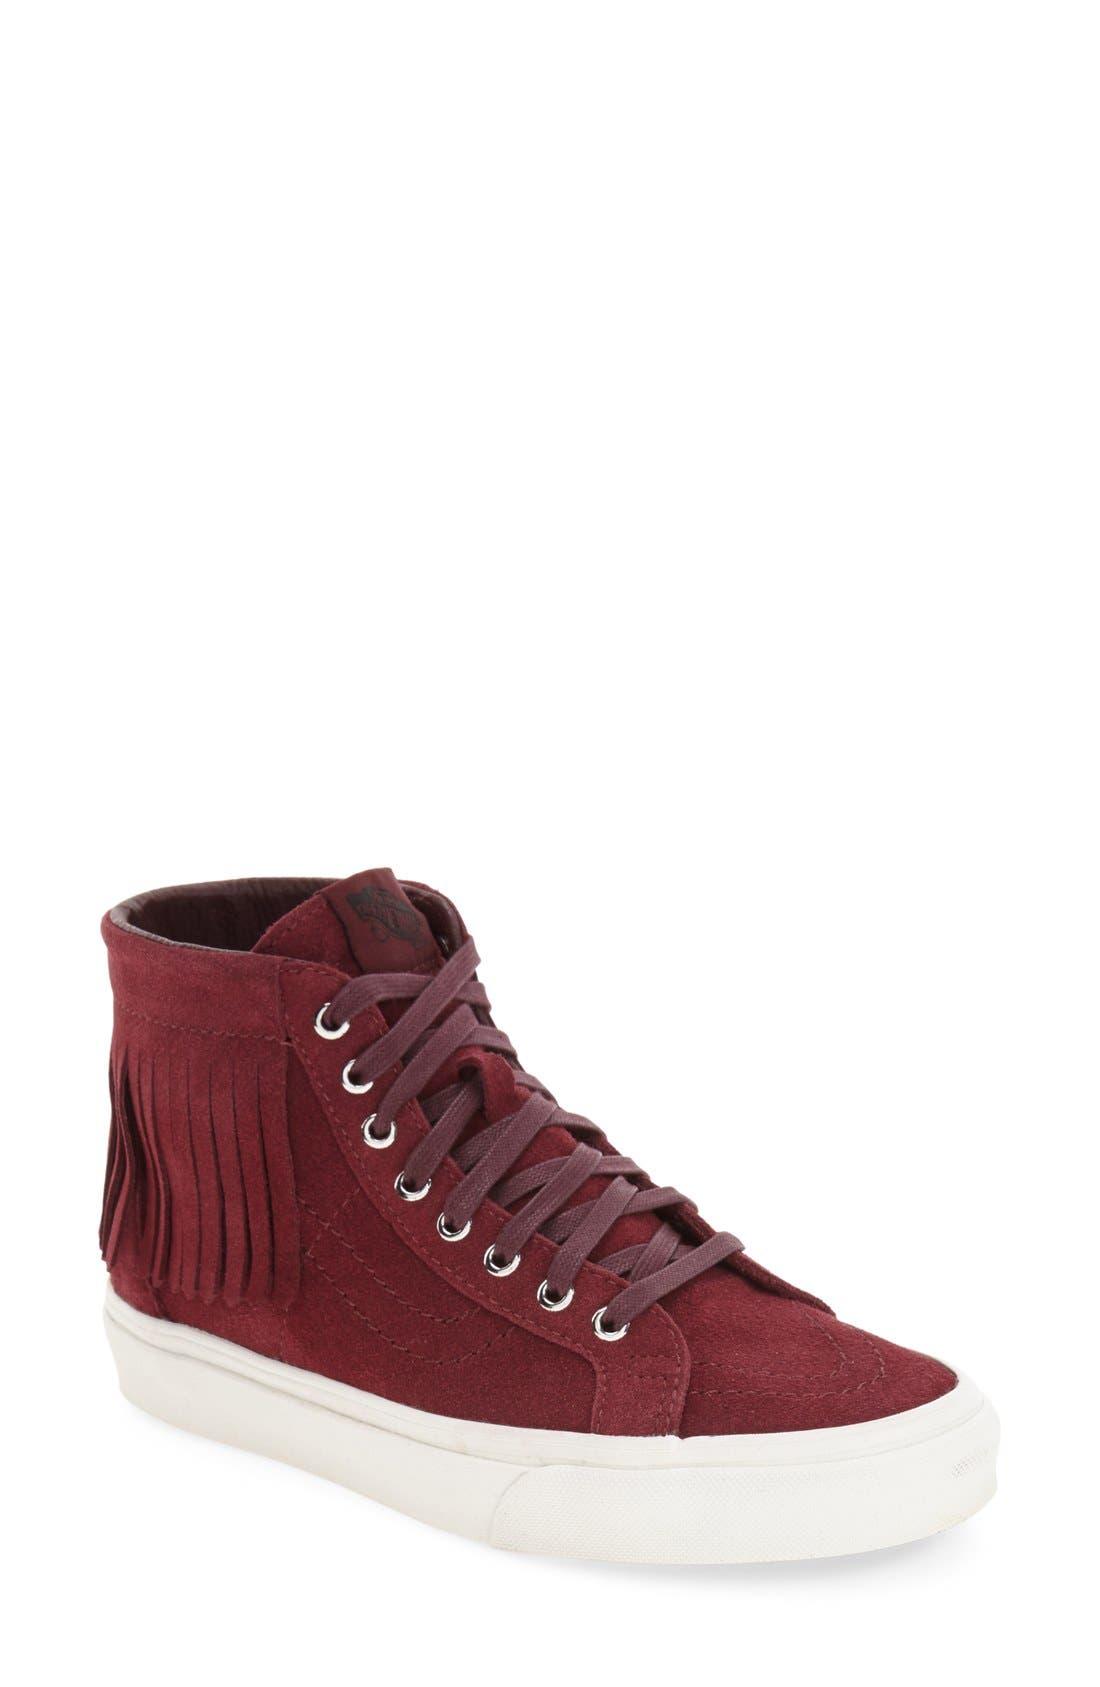 Main Image - Vans 'Sk8-Hi' Moc Sneaker (Women)